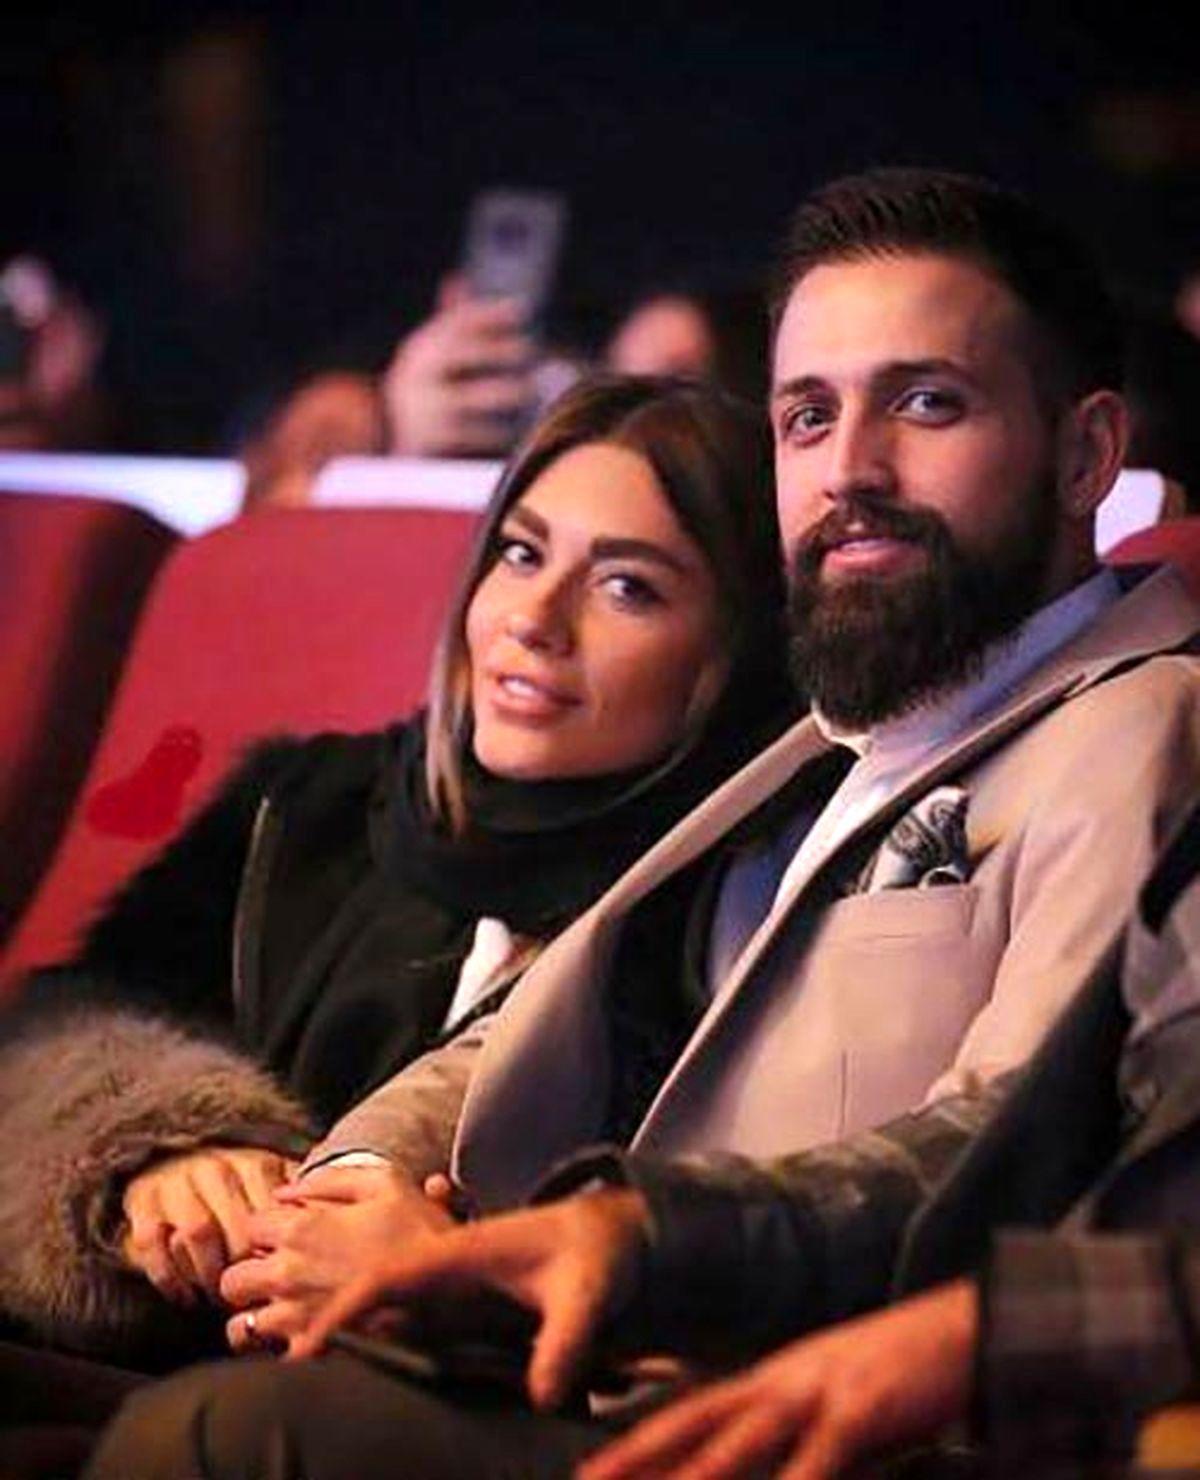 محسن افشانی اسم همسرش را تتو کرد + عکس دیده نشده